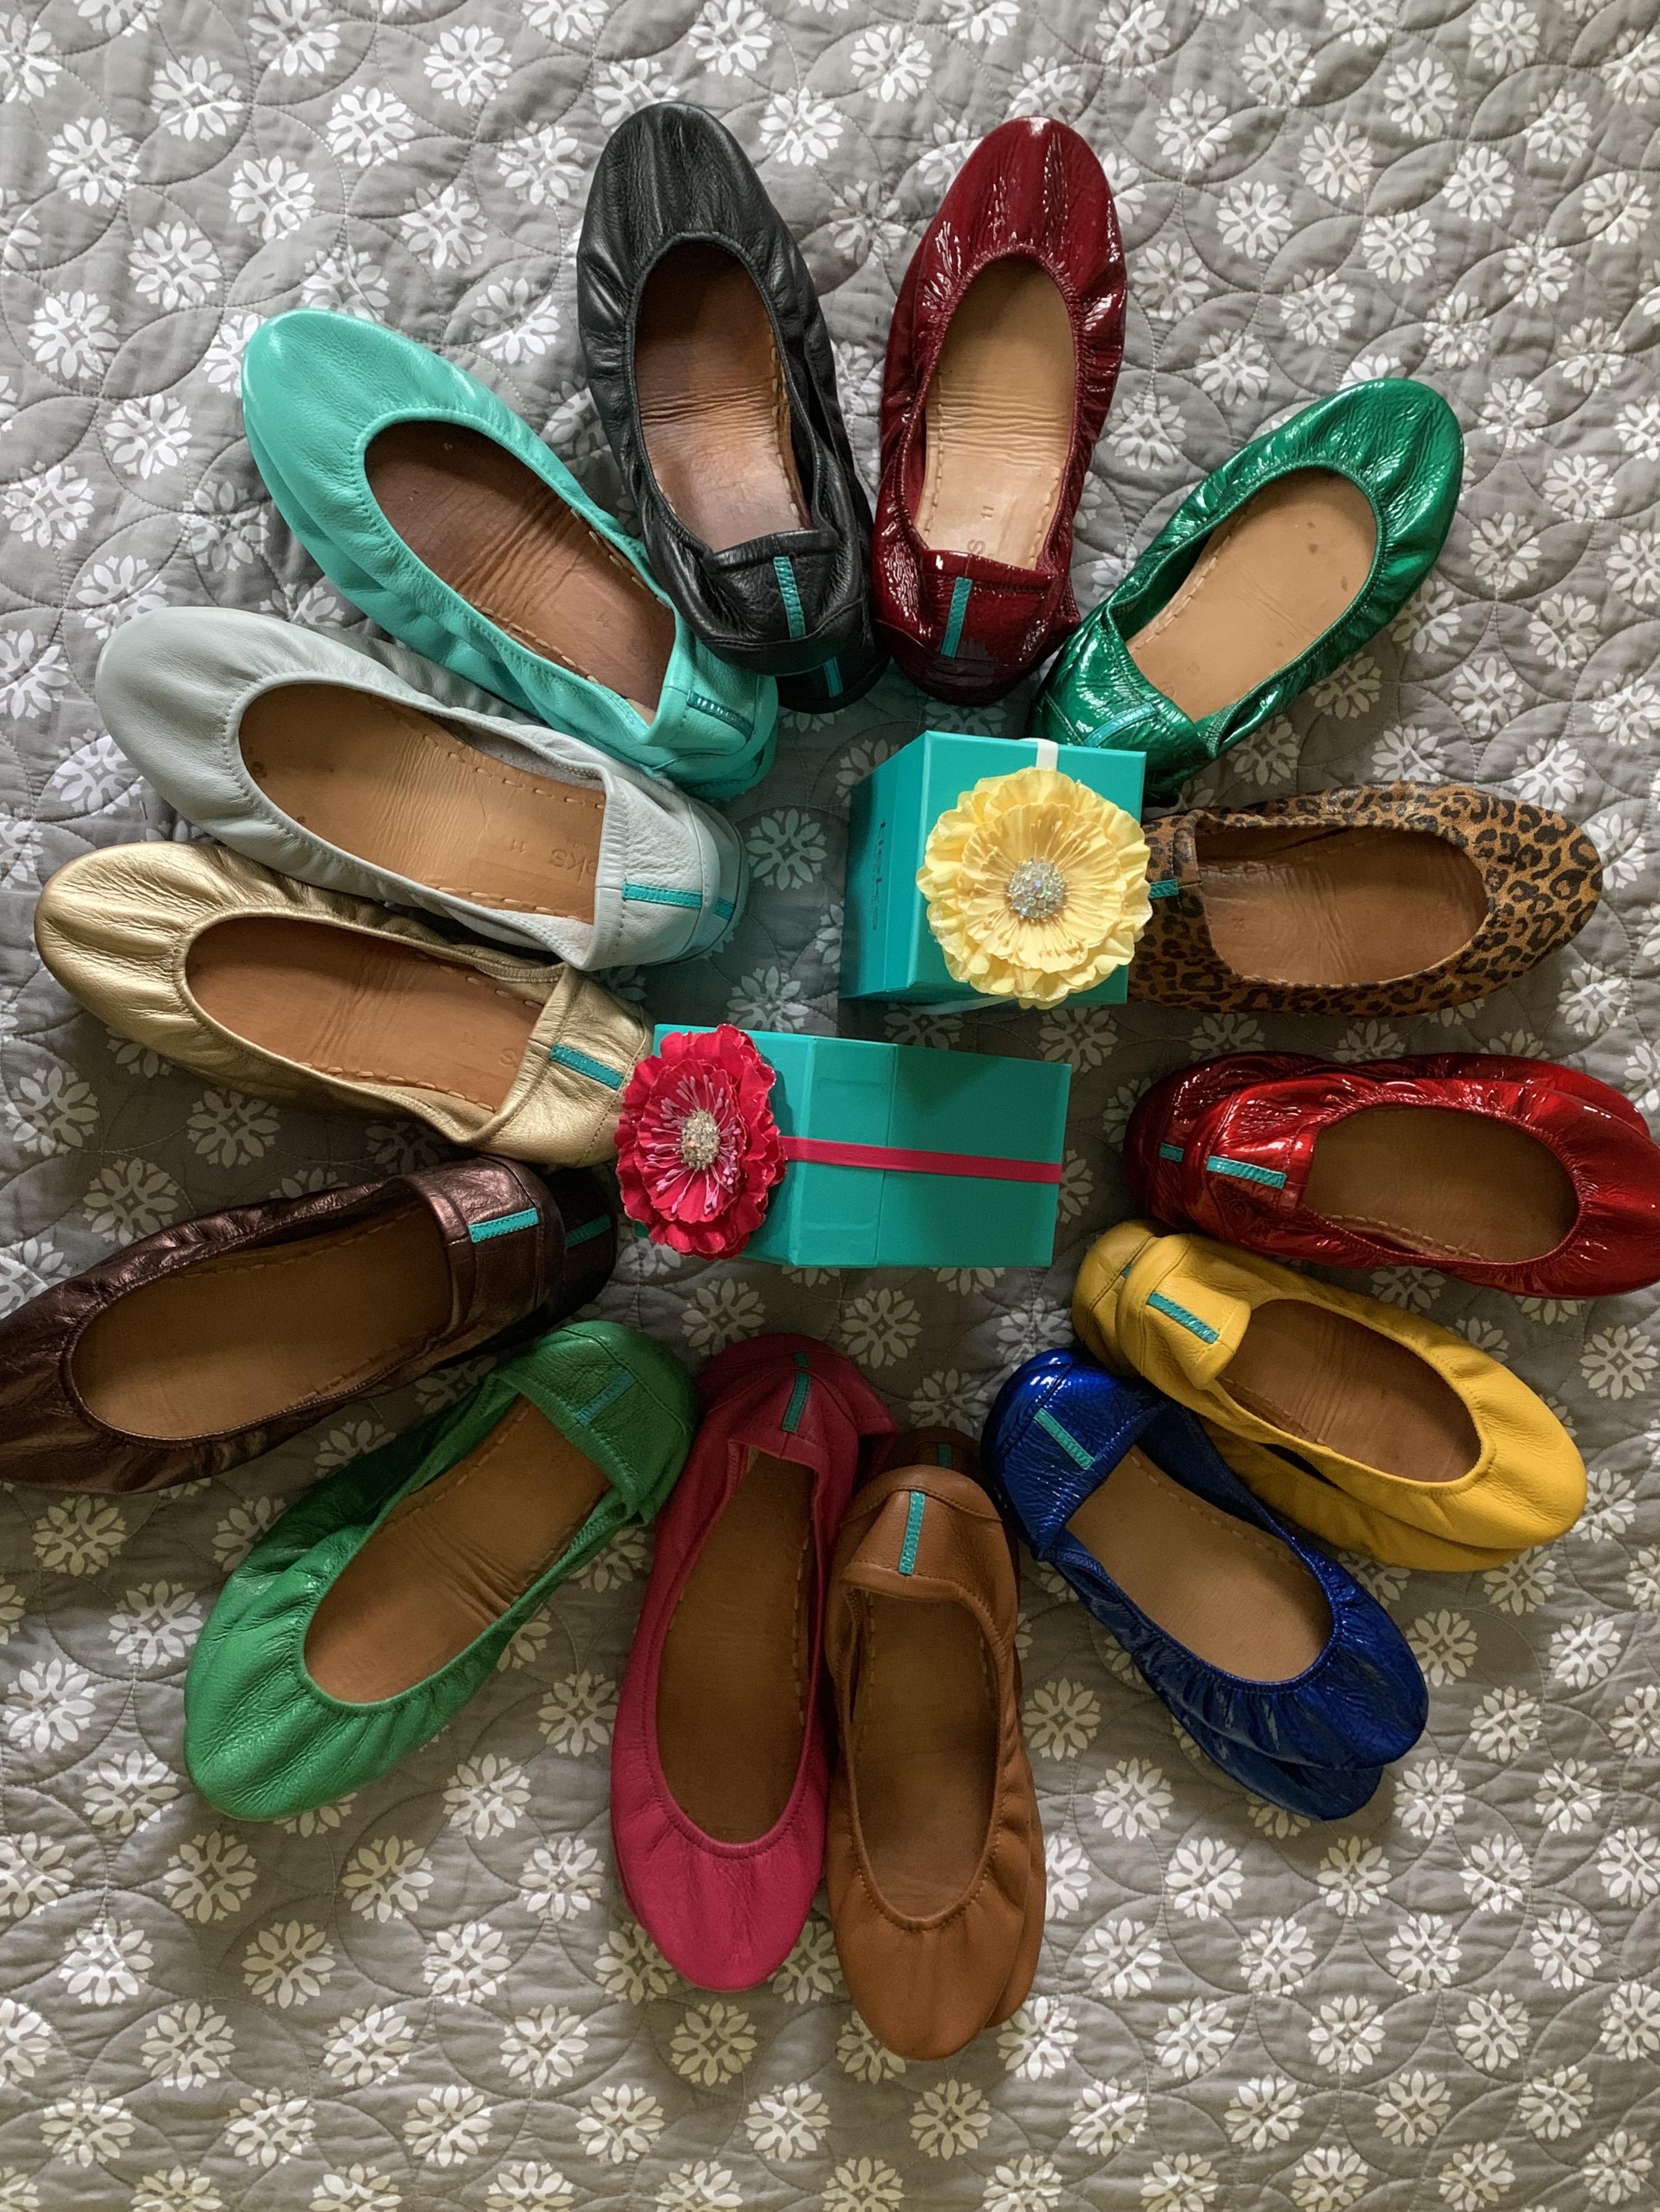 Tieks, ballet flats, shoe review, Tieks collection, plus size shoes